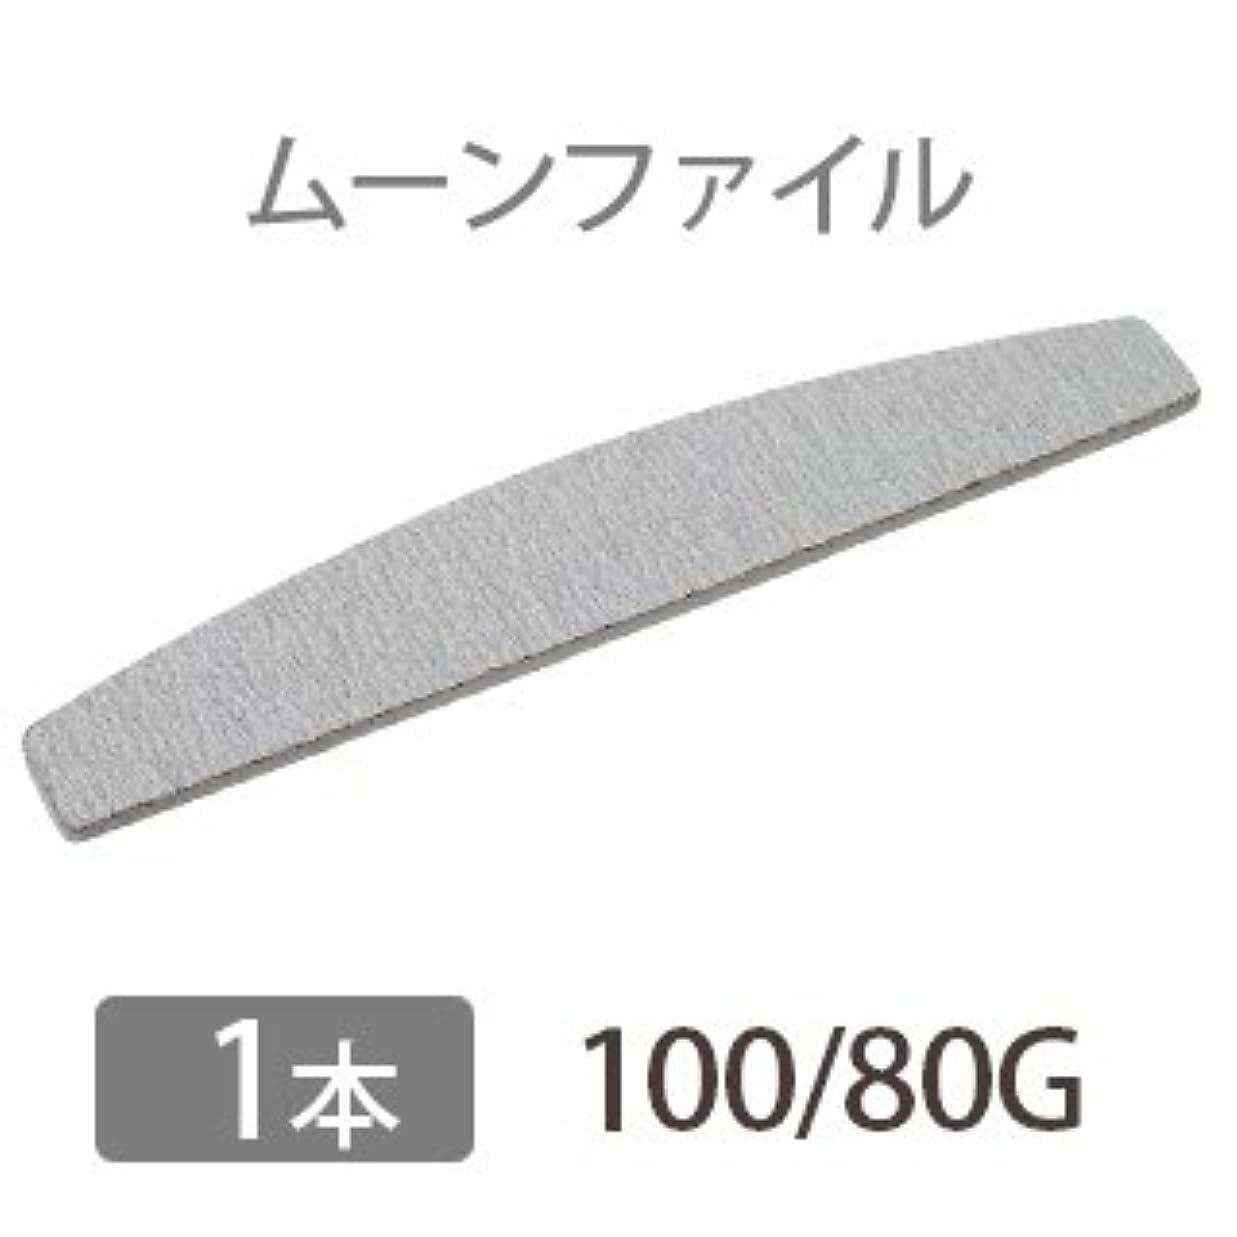 対話友だちエージェントムーンファイル 100/80 【ネイル オフ ケア用品】